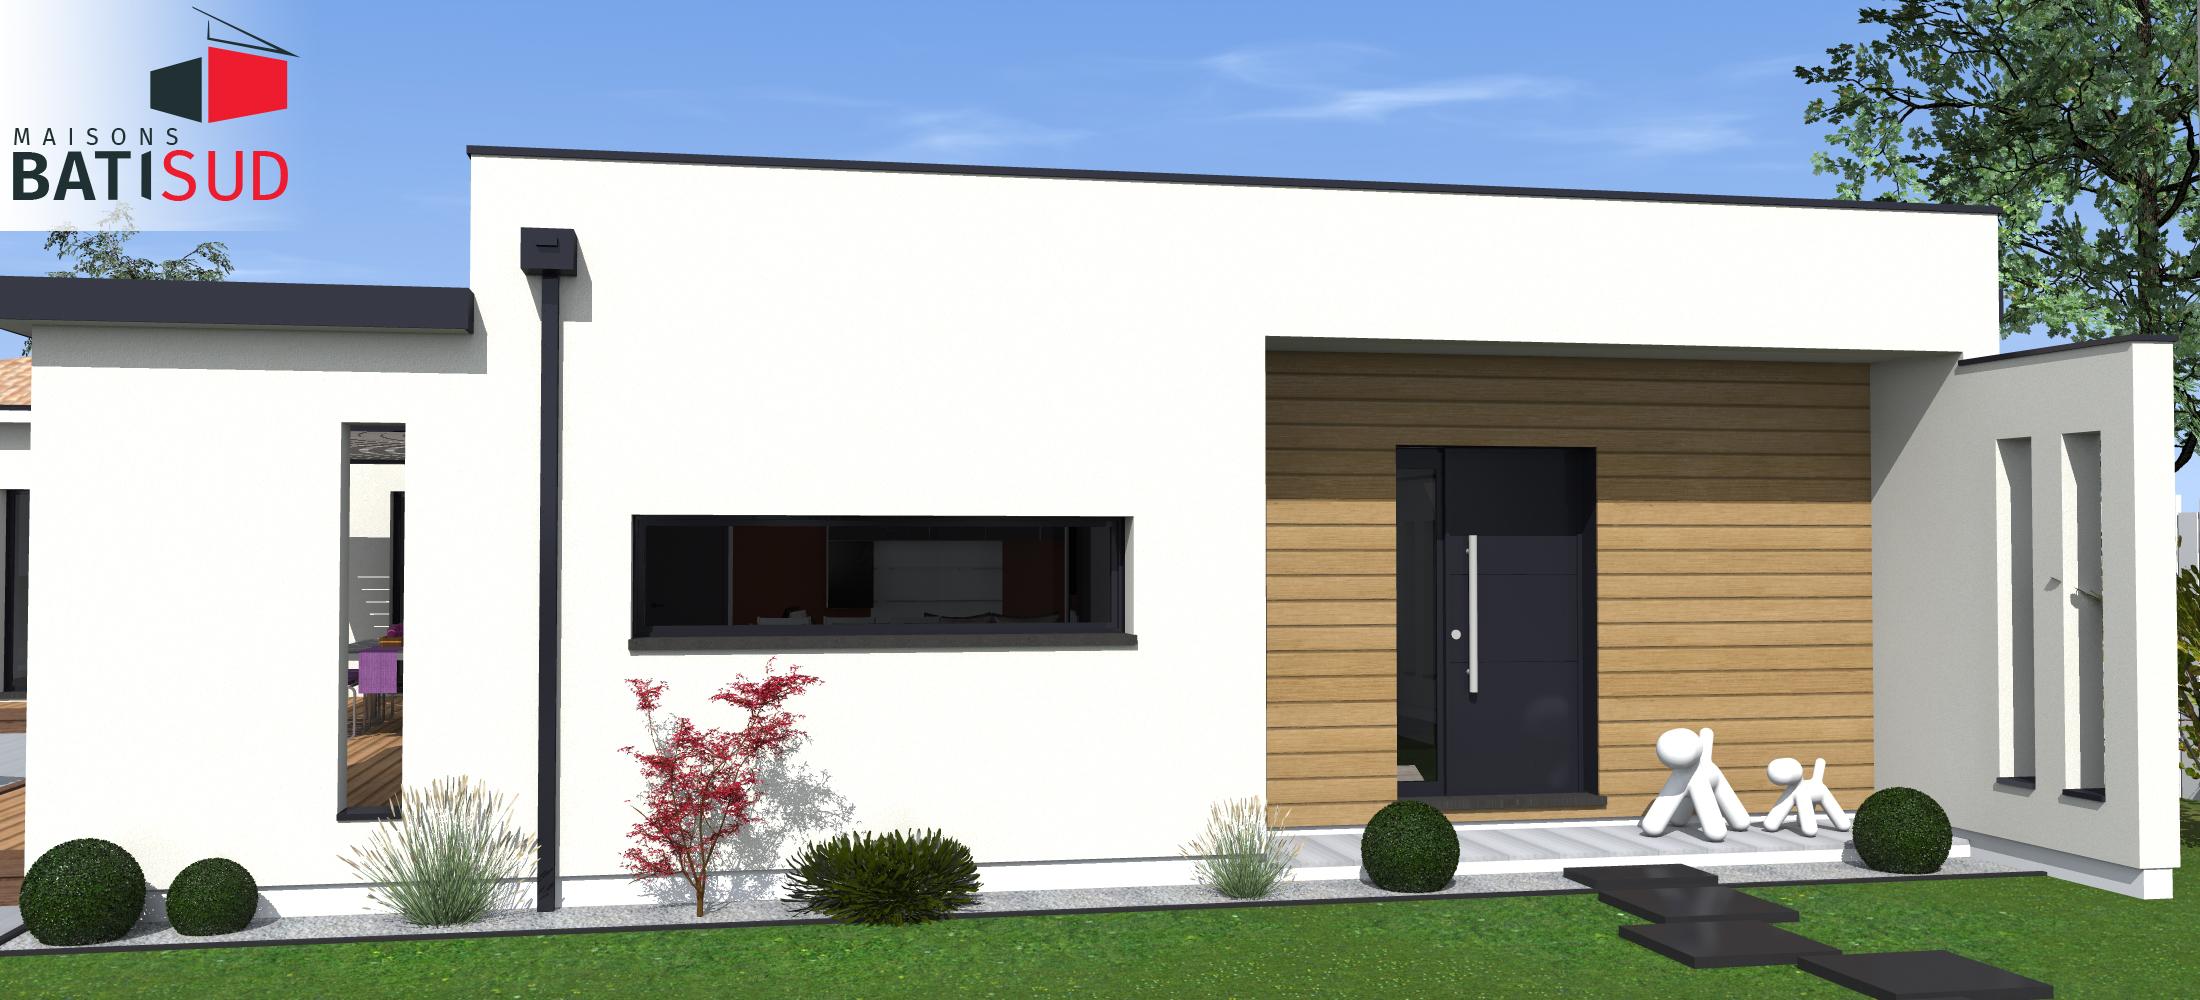 Maisons Bati Sud : Très belle maison moderne avec solarium et terrasse couverte. 4